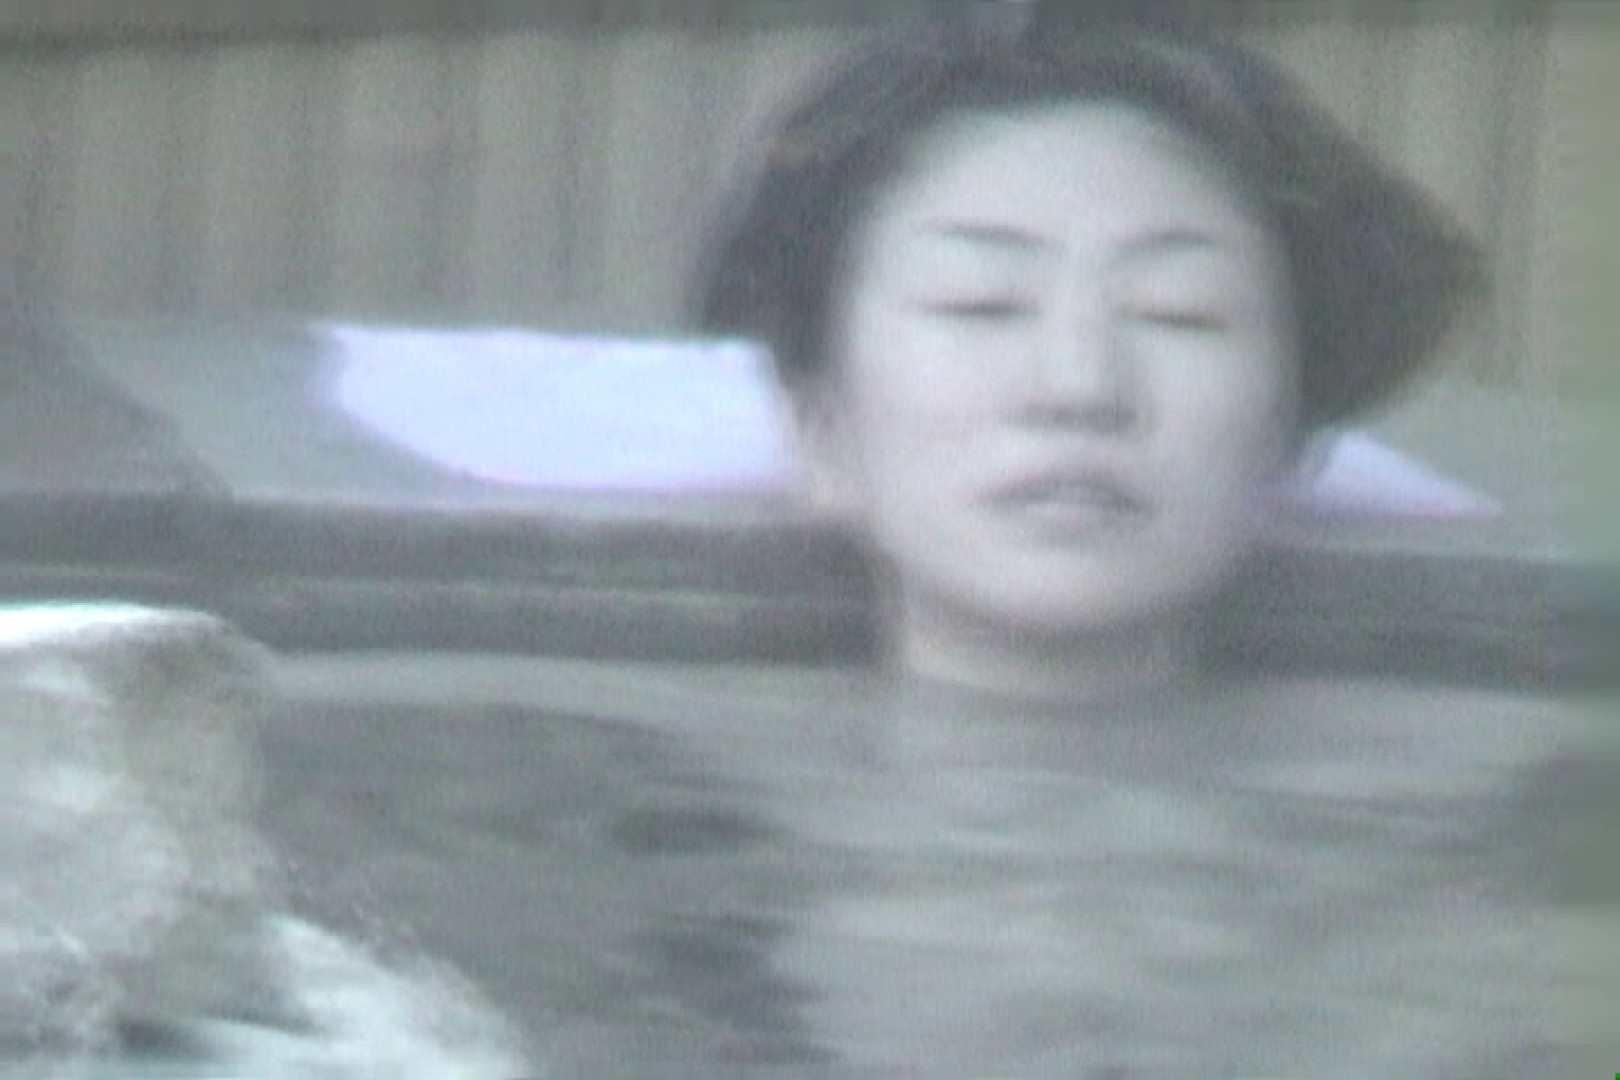 Aquaな露天風呂Vol.607 女体盗撮  56連発 51